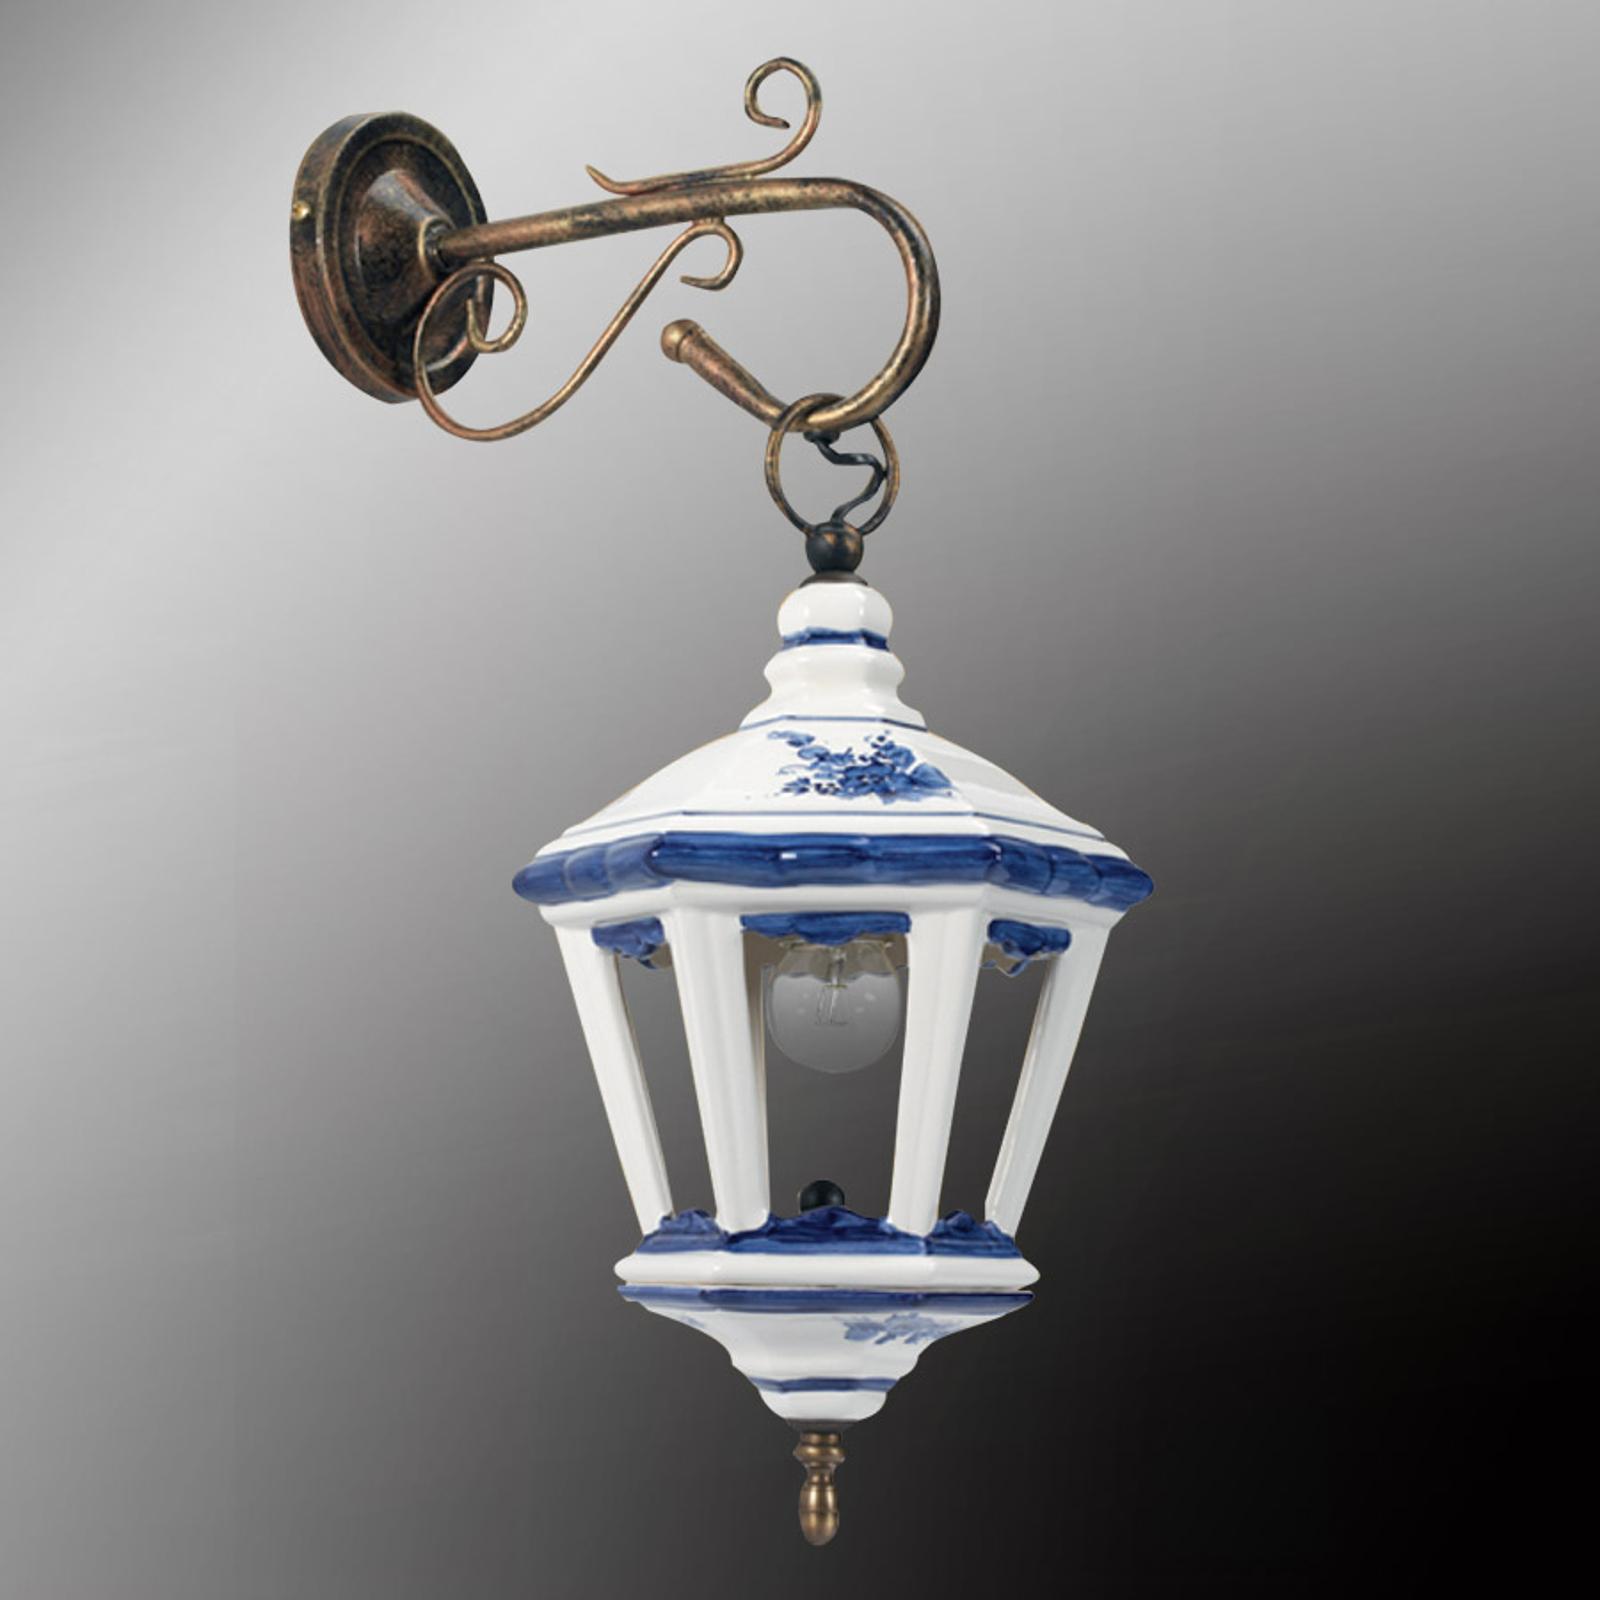 Wandlamp Viola met lantaarn van keramiek